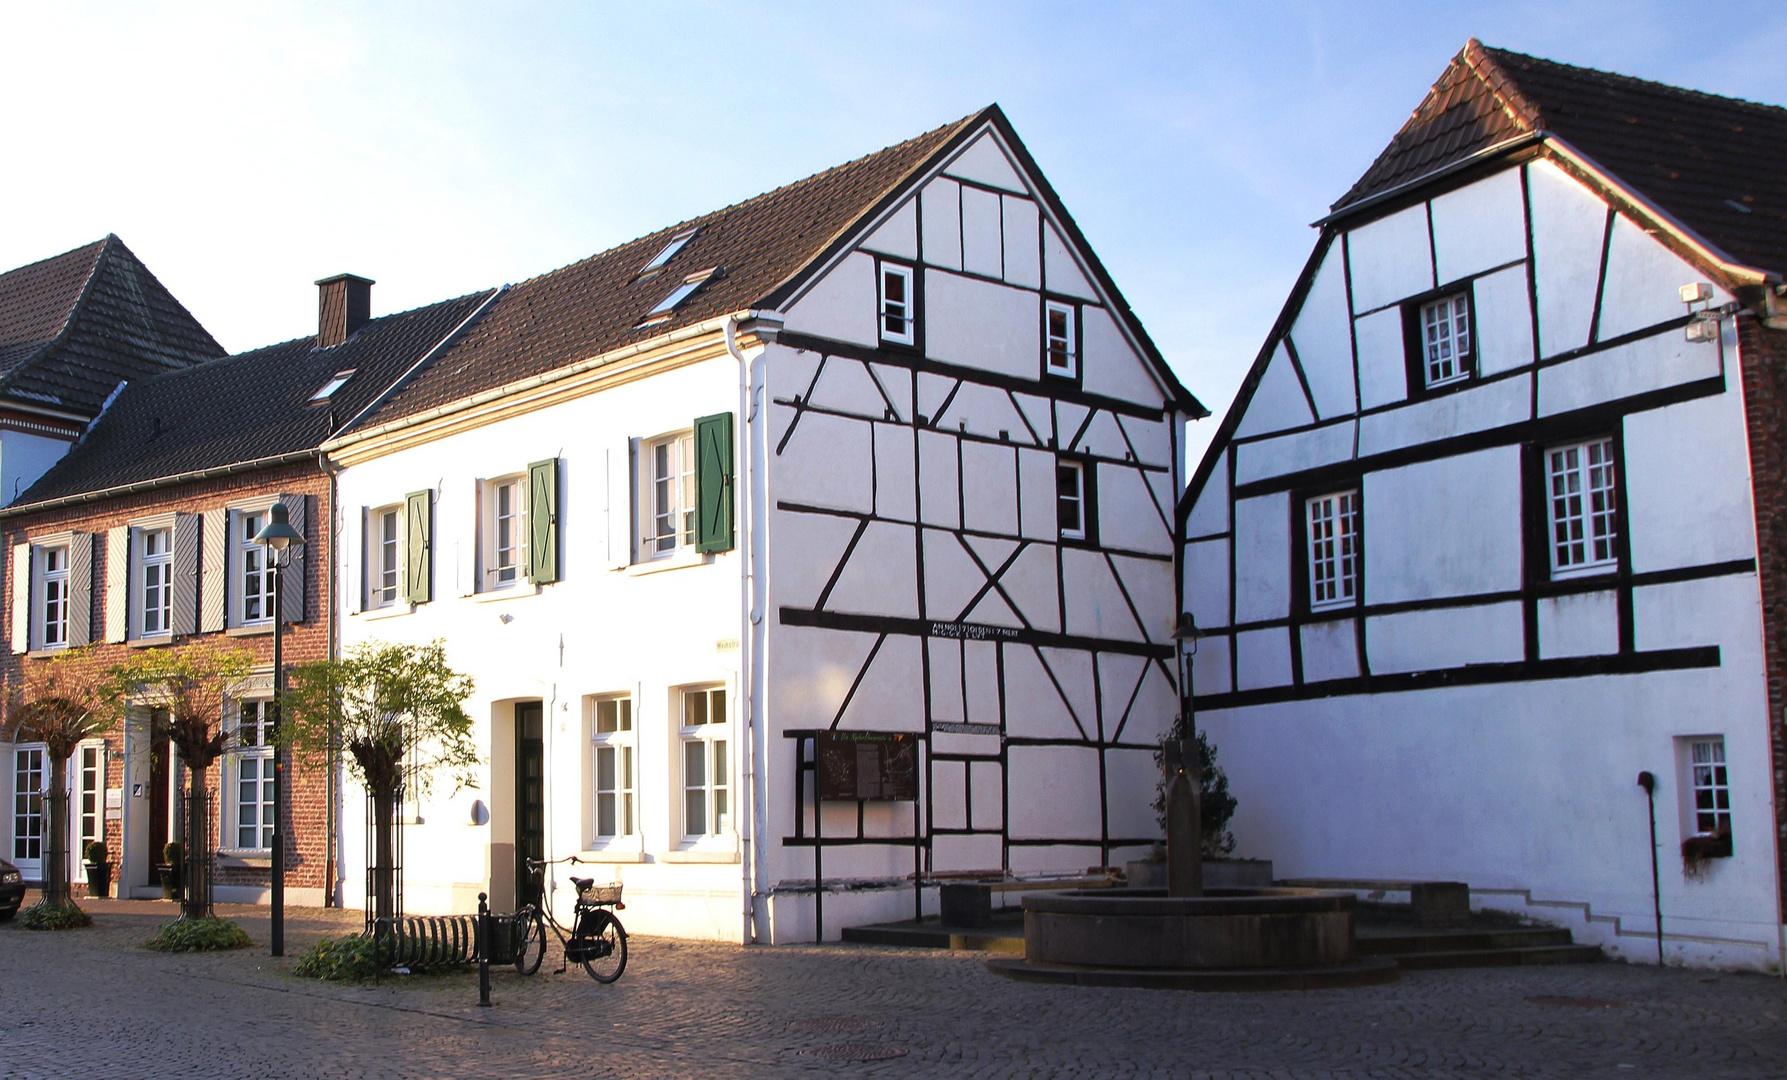 das alte Wachtendonk am Niederrhein